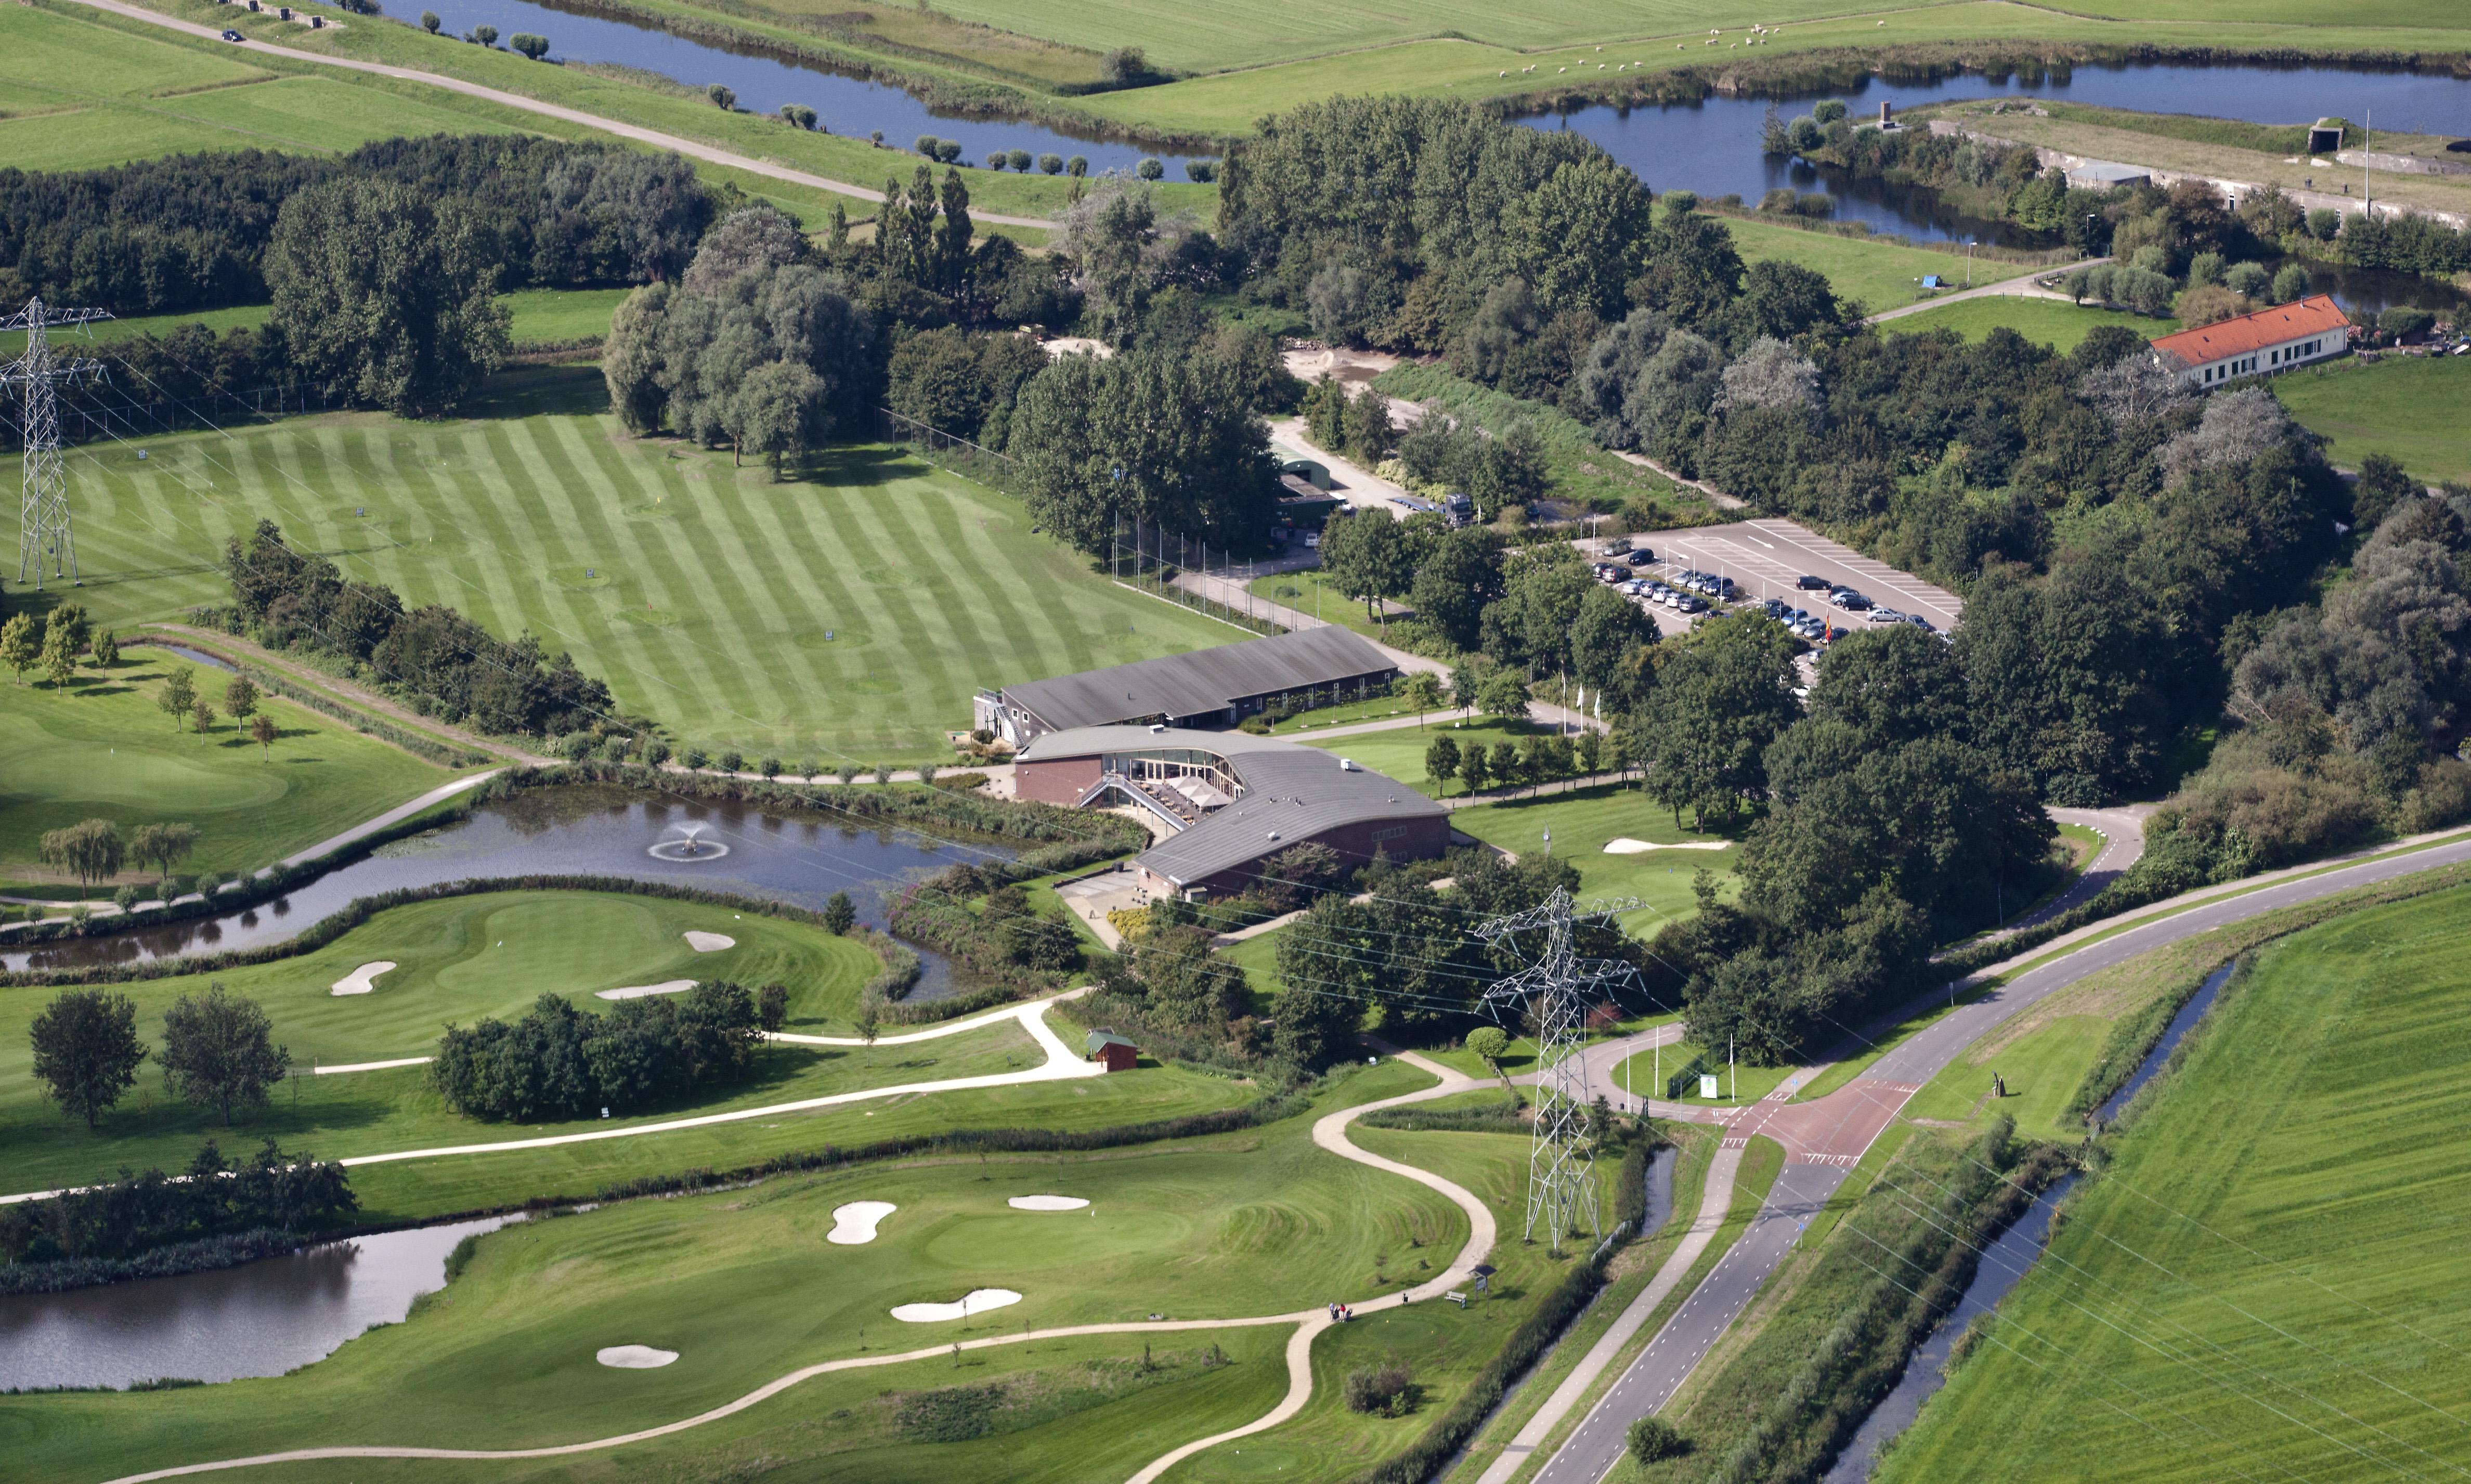 Heemskerk: restaurant golfbaan blijft dicht, 'lastig, maar niet zo veel ruimte'